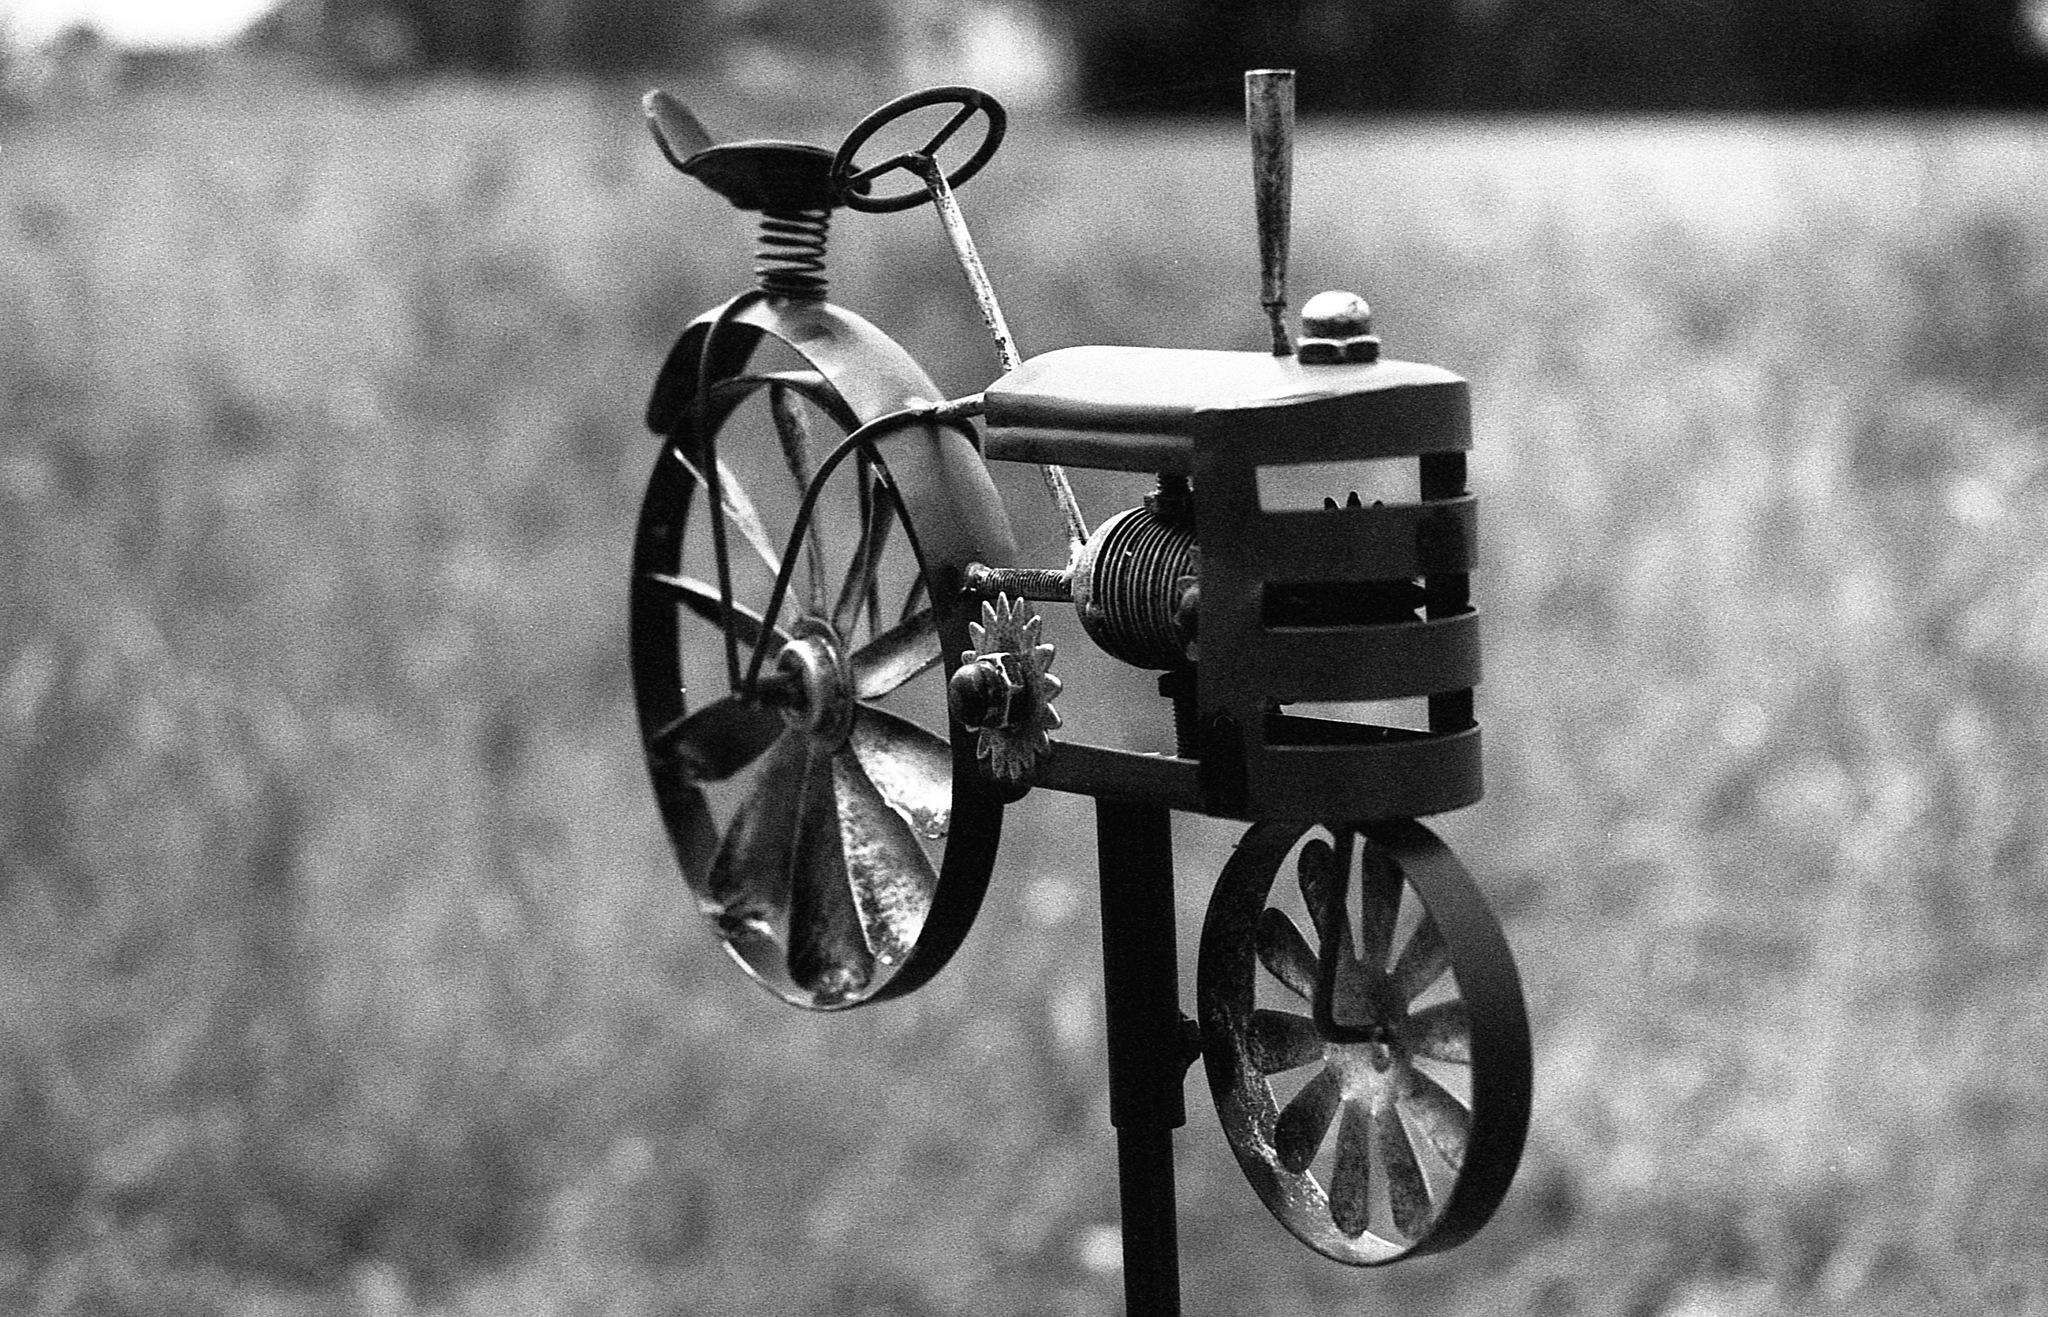 Traktor by Ludwig Thanner